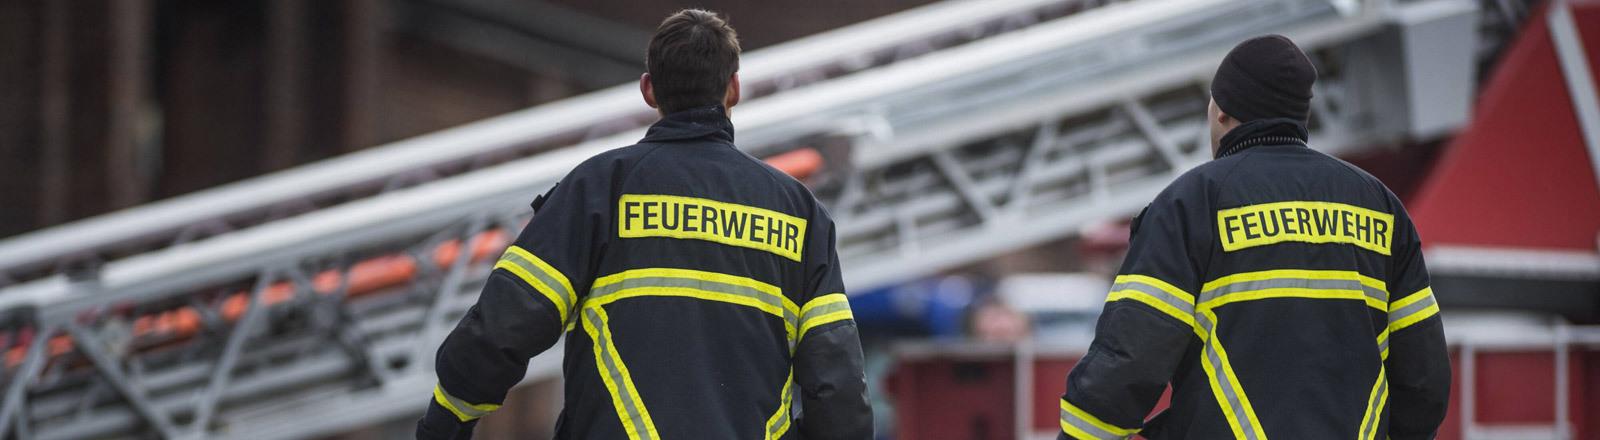 Zwei Feuerwehrleute